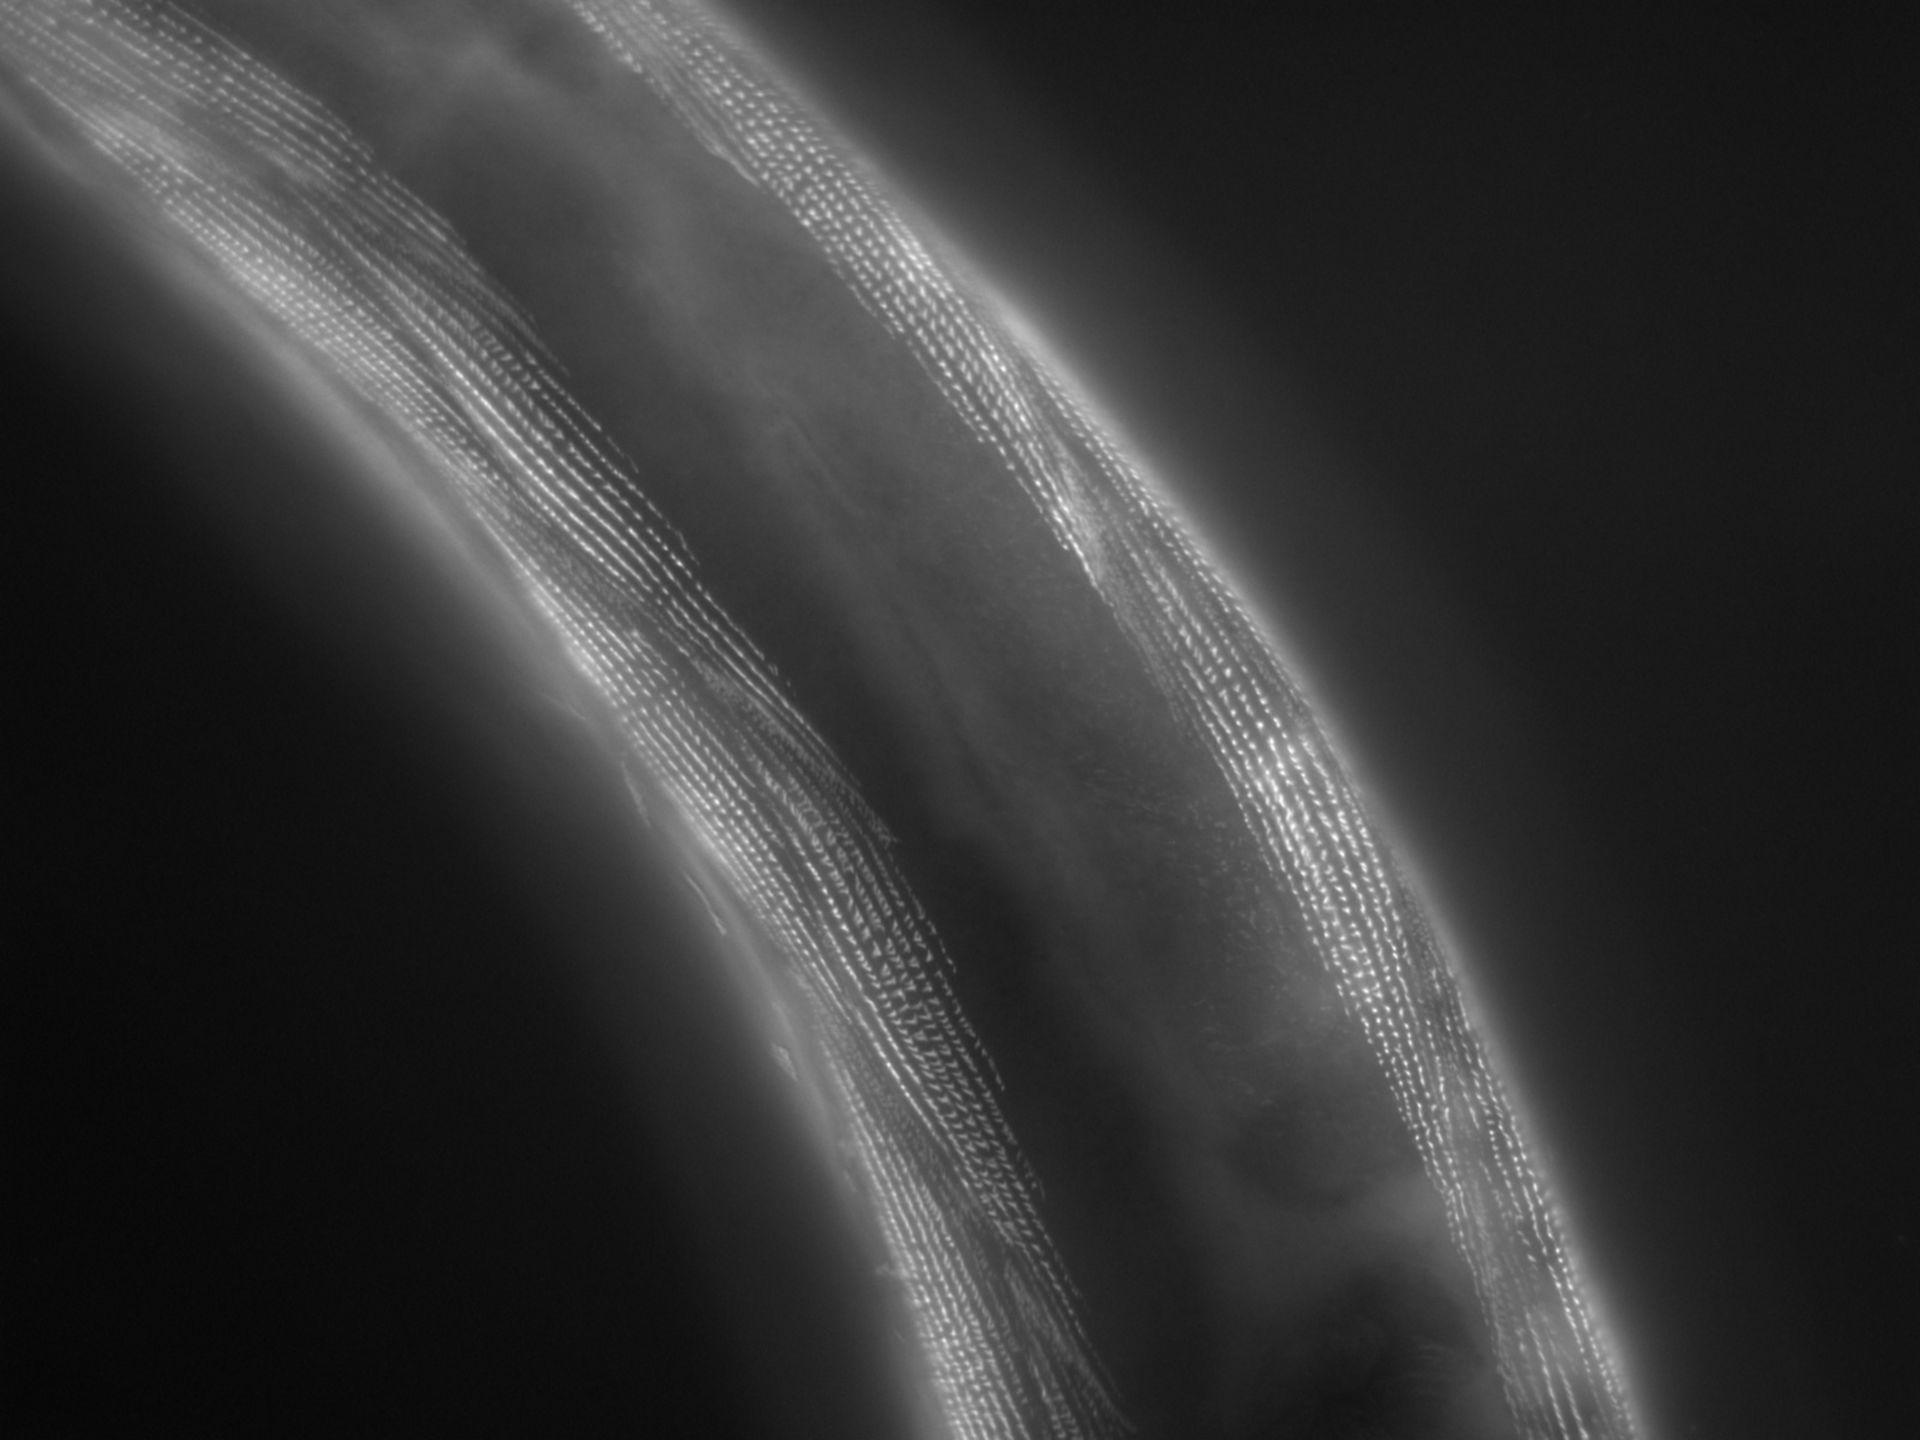 Caenorhabditis elegans (filamento di actina) - CIL:1180